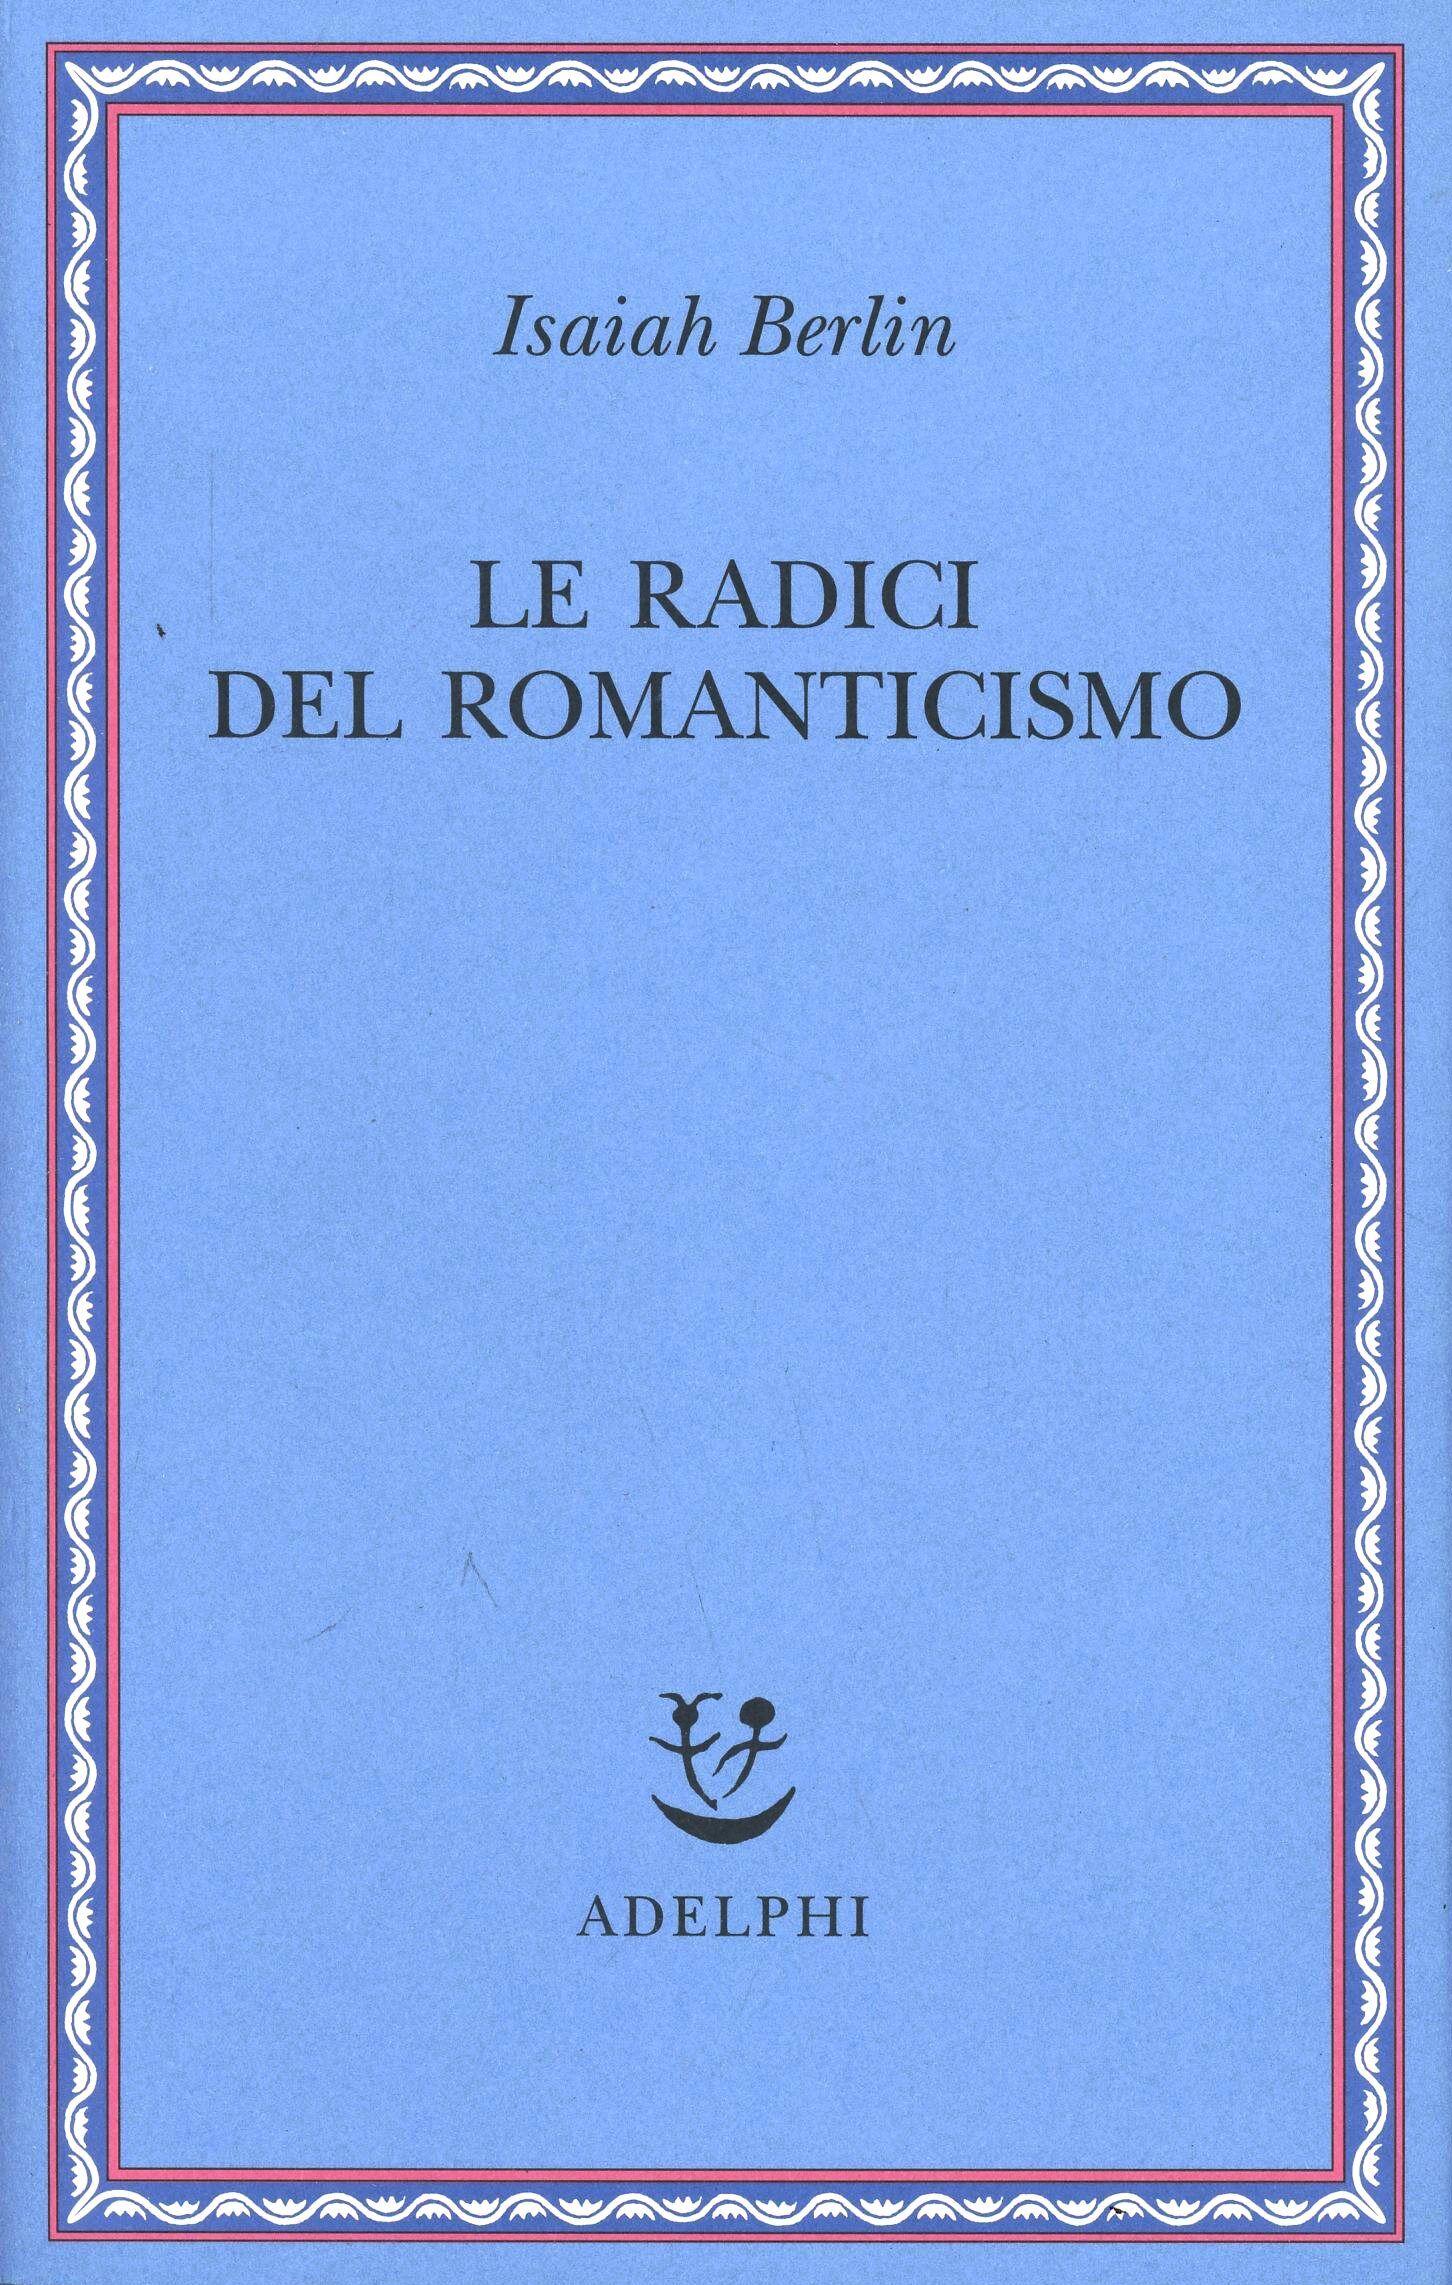 Le radici del romanticismo